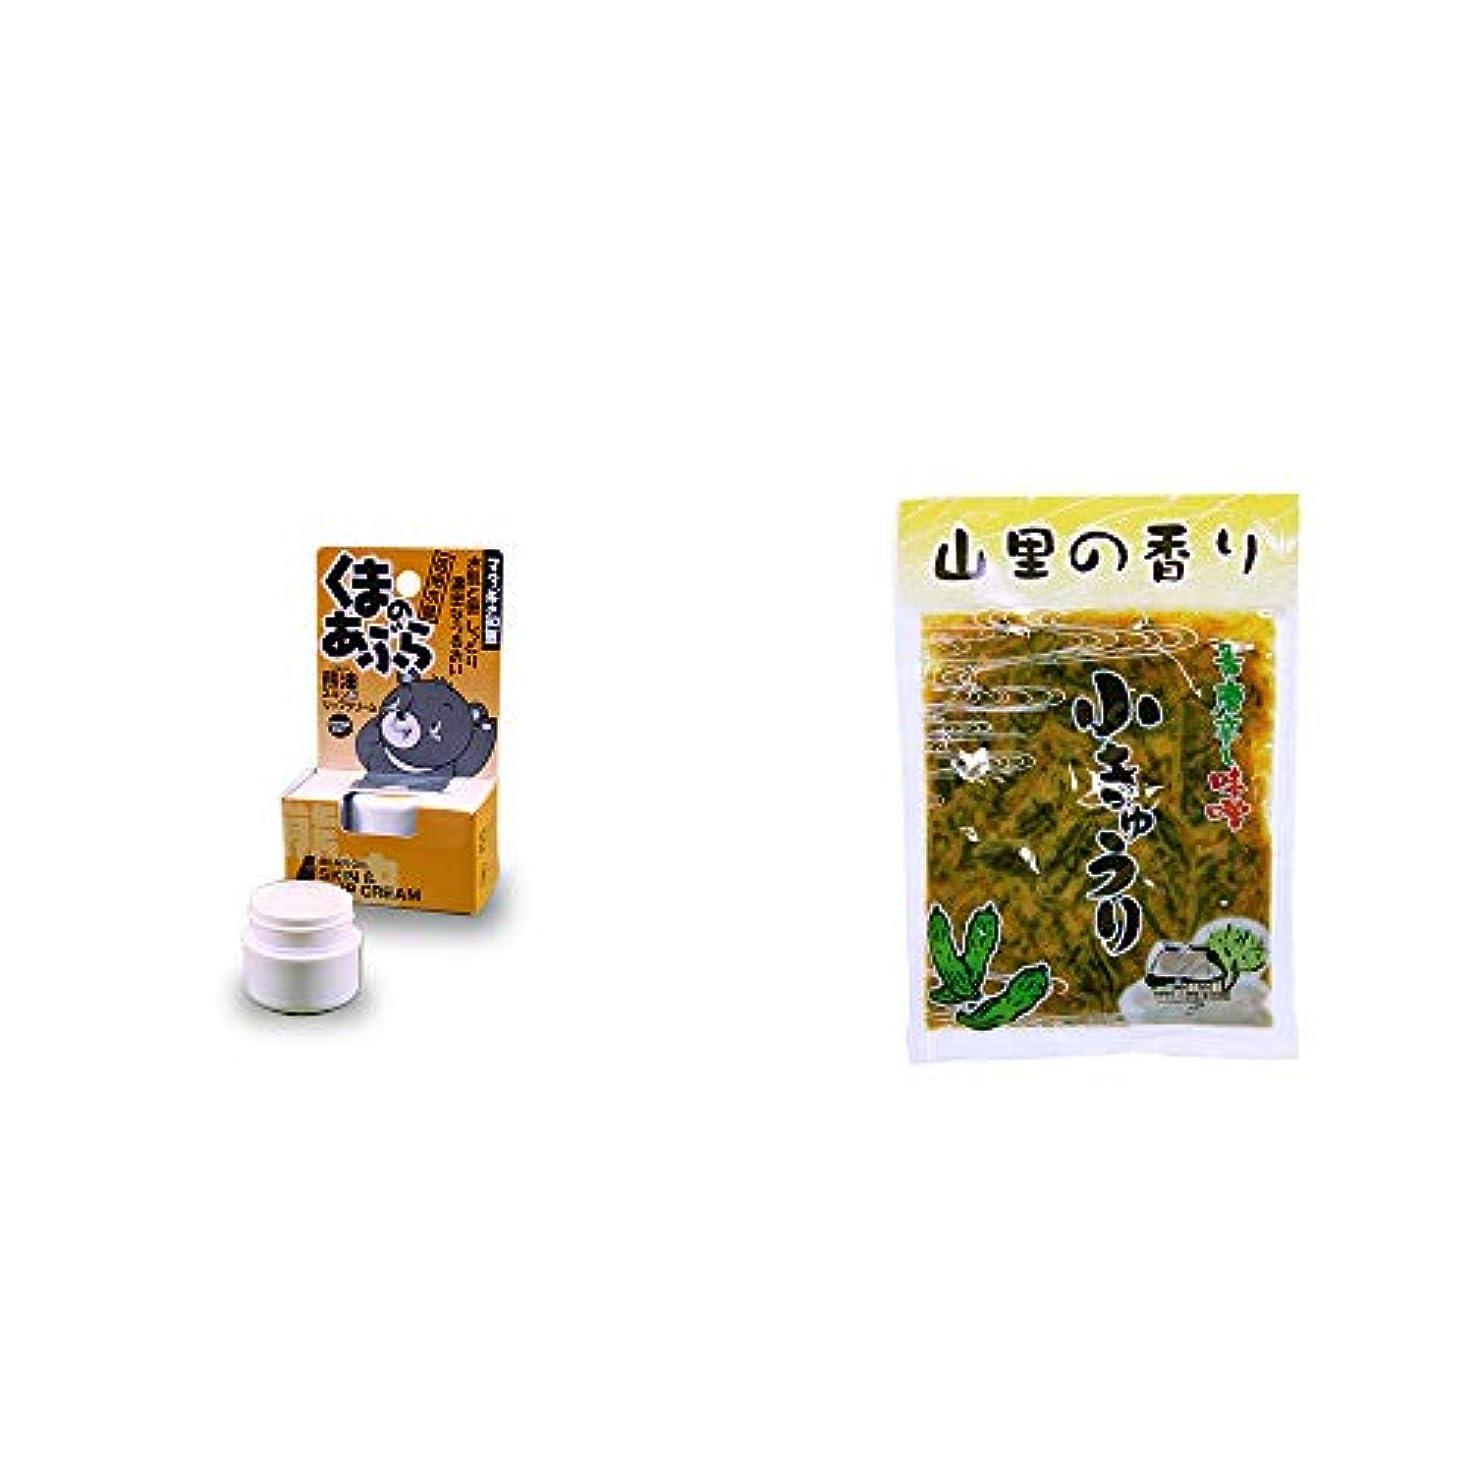 ディレクター怠けた[2点セット] 信州木曽 くまのあぶら 熊油スキン&リップクリーム(9g)?山里の香り 青唐辛し味噌 小きゅうり(250g)